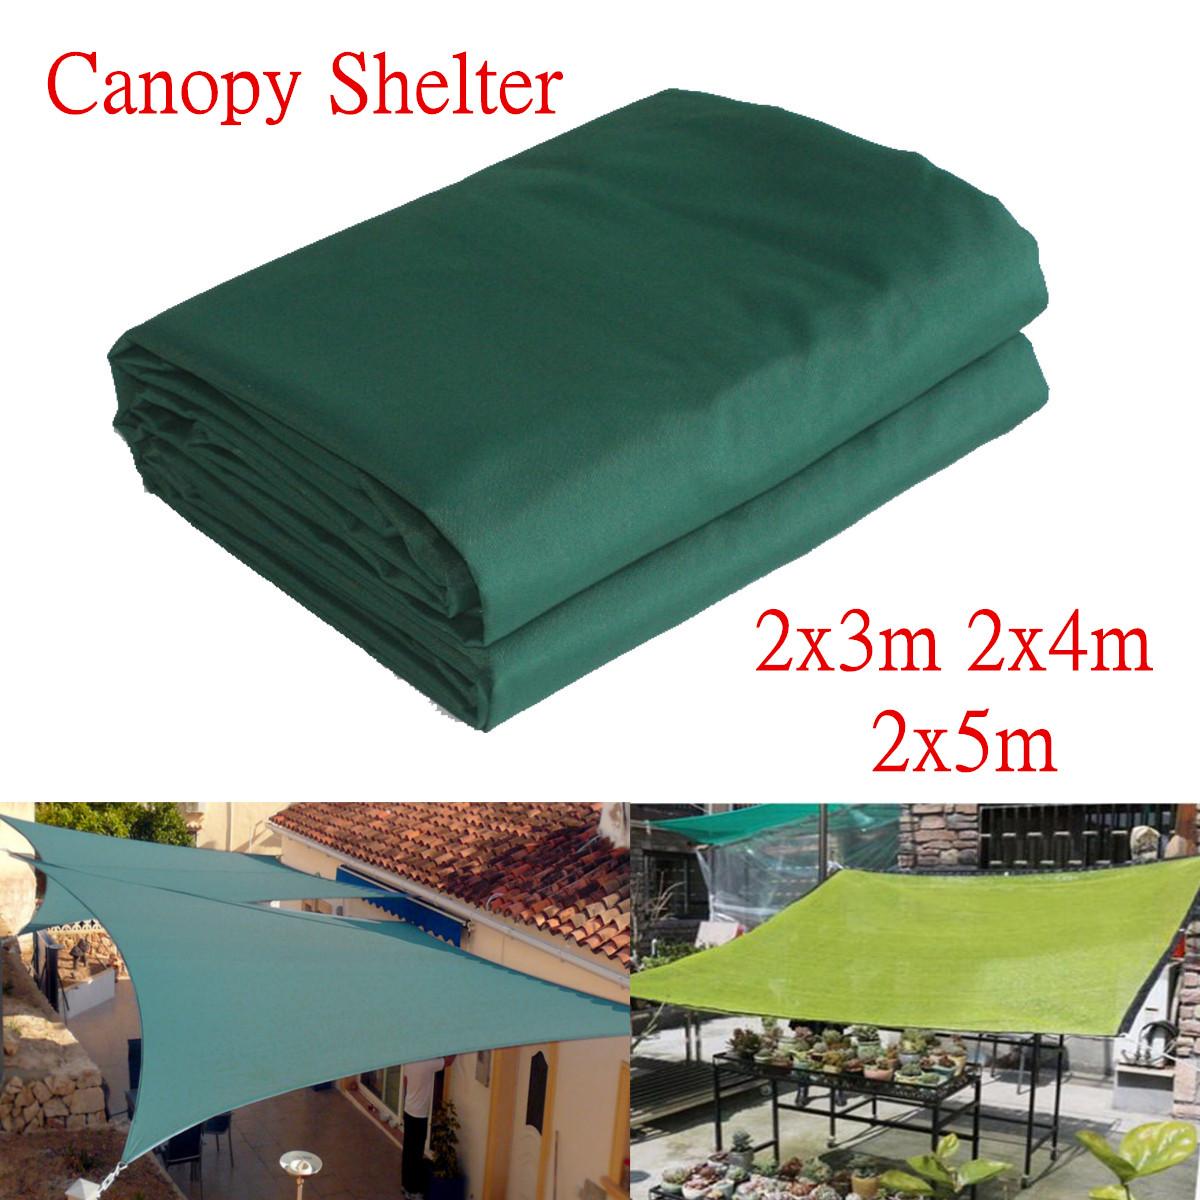 [해외]3 / 4 / 5m 헤비 듀티 그늘 캐노피 야외 캠핑 하이킹 야드 대피소 커버 방수 가든 파티오 천막 부속품 그린/3/4/5m Heavy Duty Shade Canopies Outdoor Camping Hiking Yard Shelters Cover Waterp